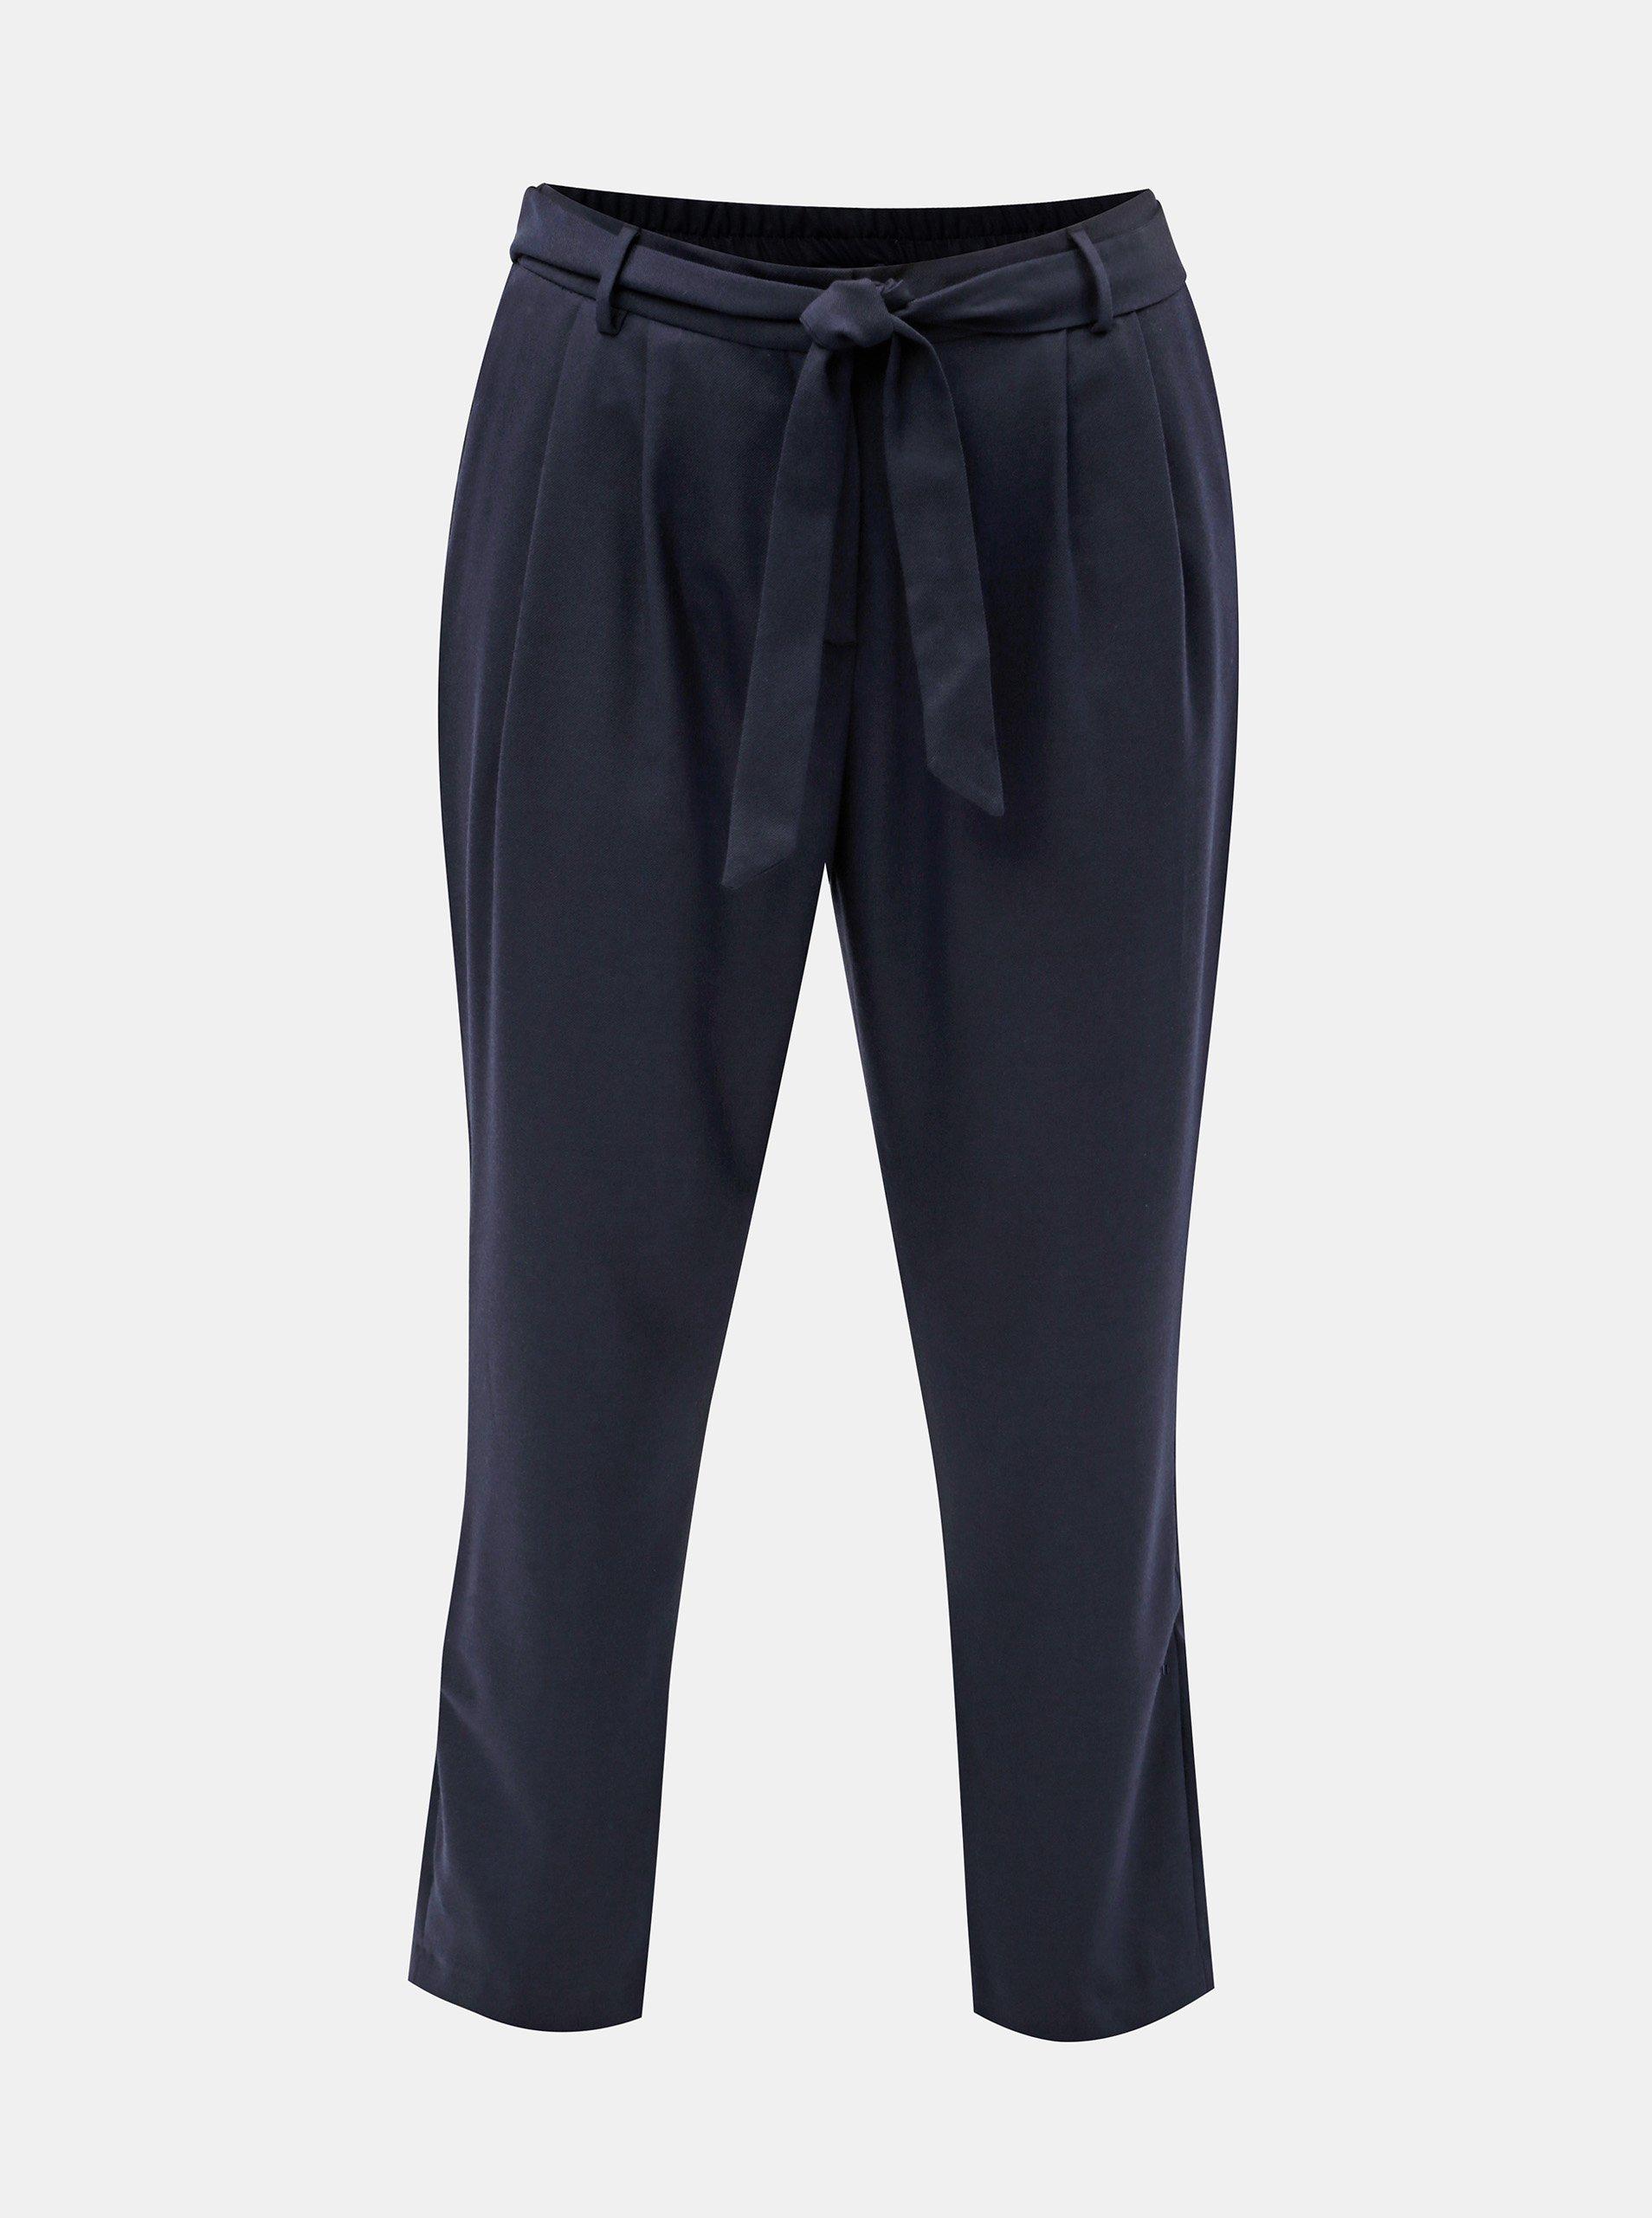 Tmavě modré zkrácené kalhoty s příměsí vlny Selected Femme Bio